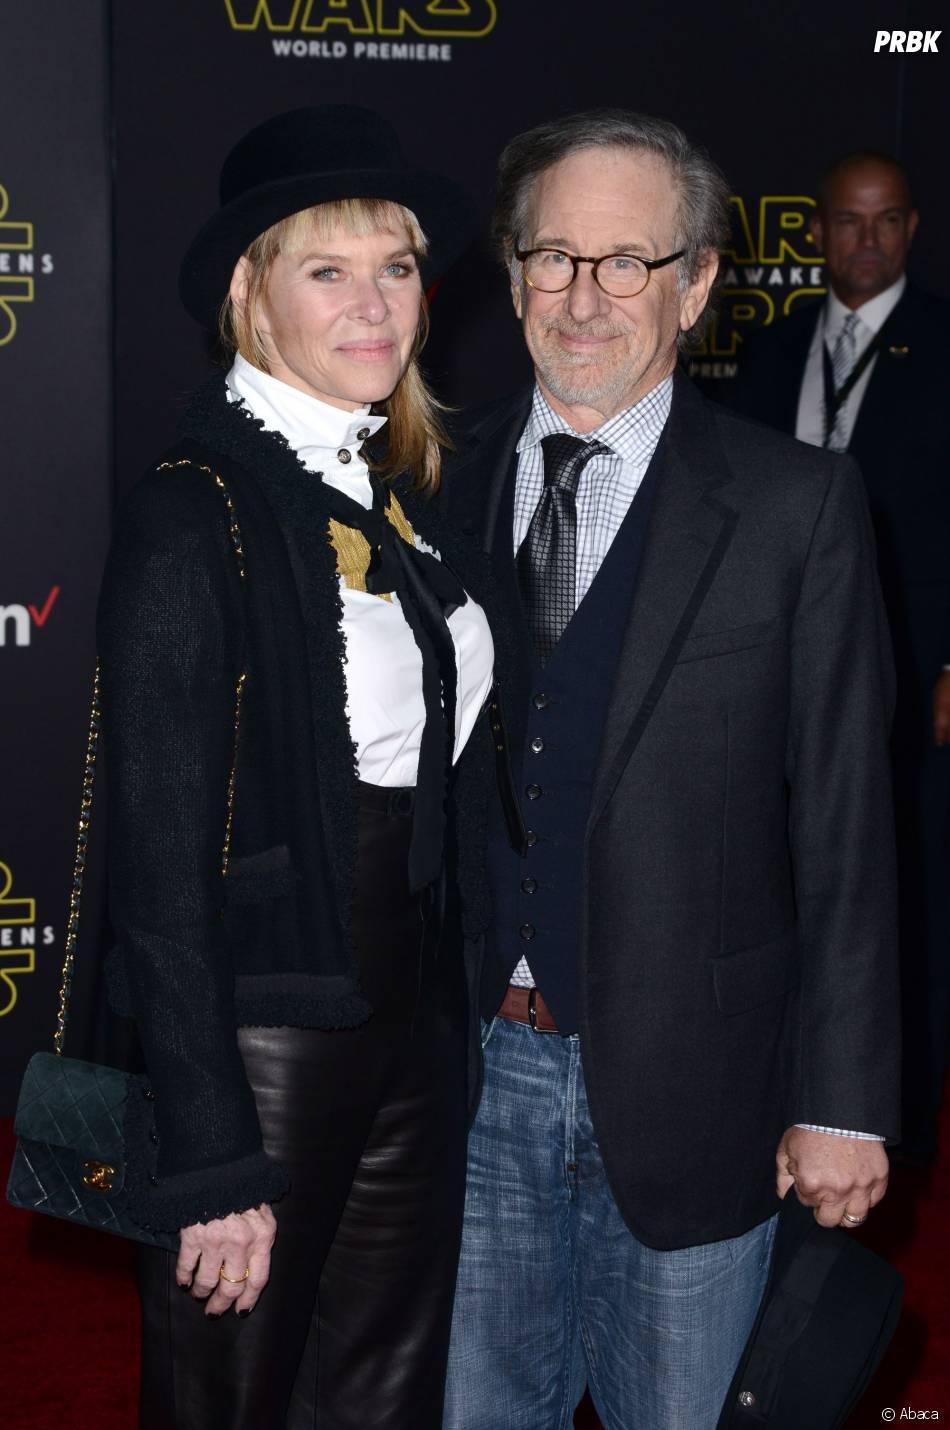 Steven Spielberg et sa femme à l'avant-première de Star Wars 7, le 14 décembre 2015 à Los Angeles